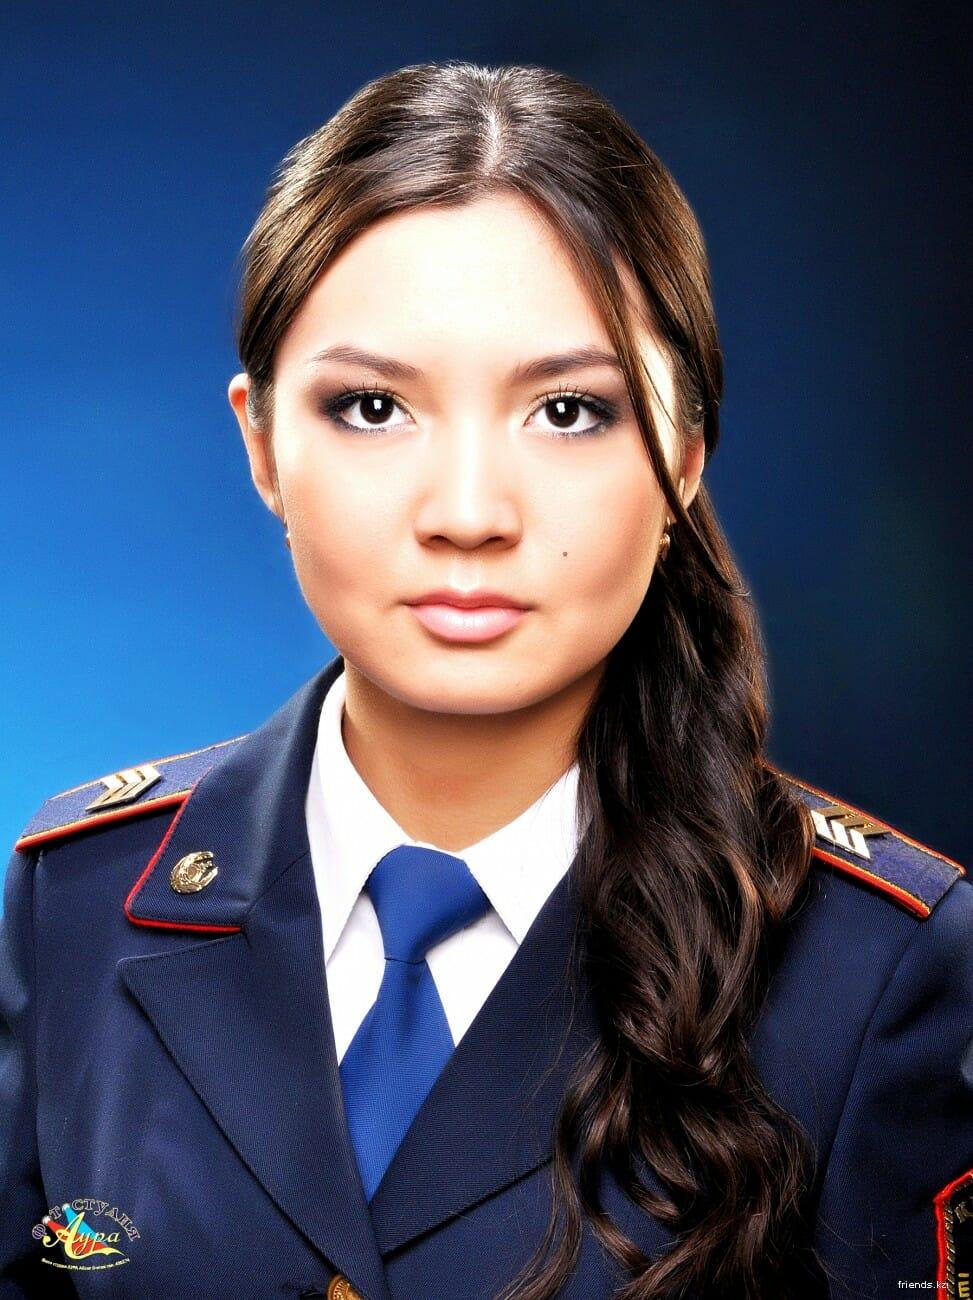 mais-lindas-policiais_13